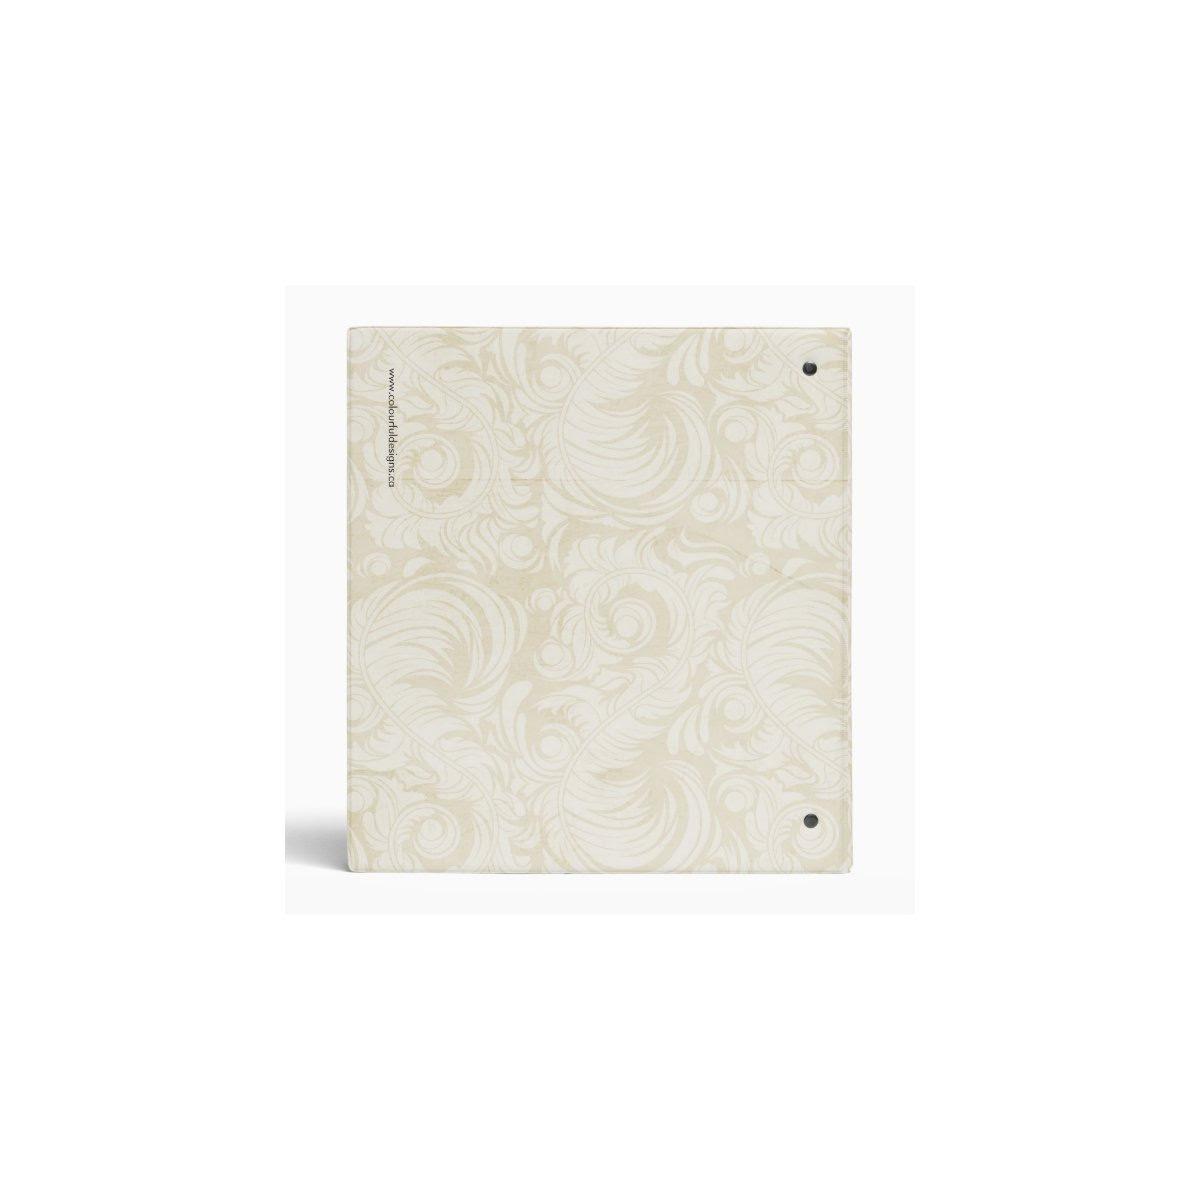 Luxury Interior Design Portfolio Binder   Zazzle